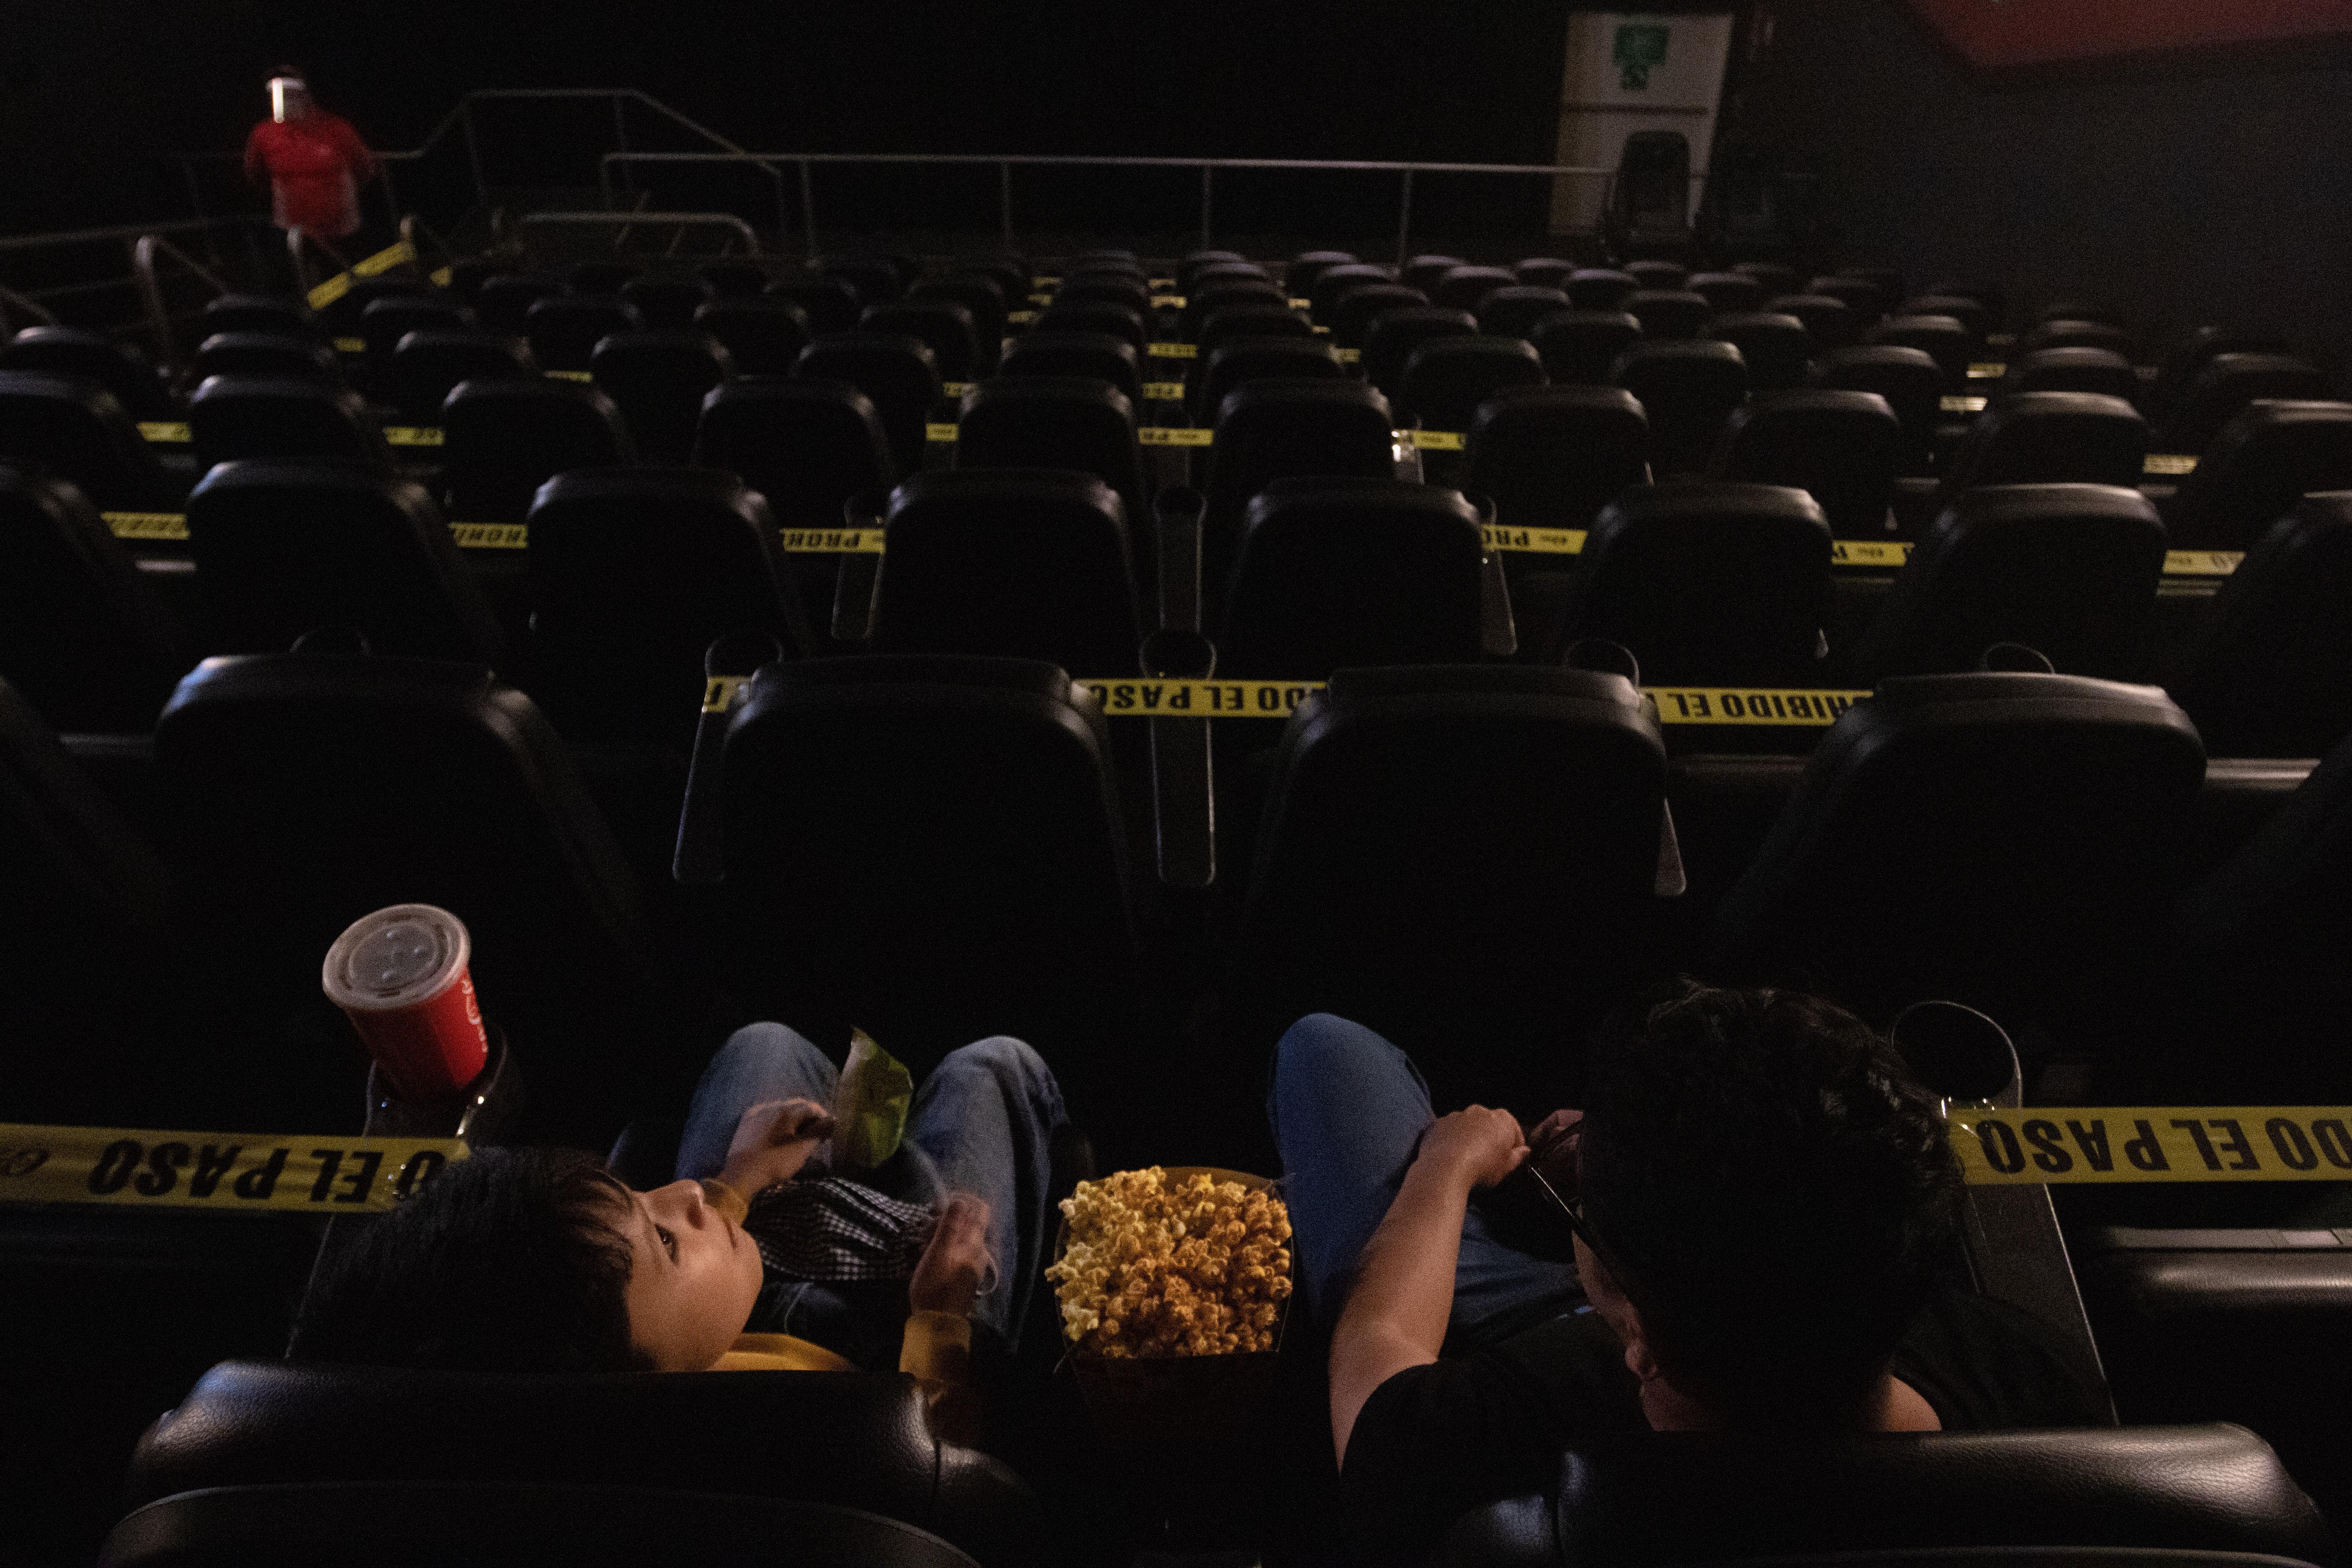 Las salas de los cines de la Plaza Antara fueron reabiertas a partir de hoy en un 30% de su capacidad